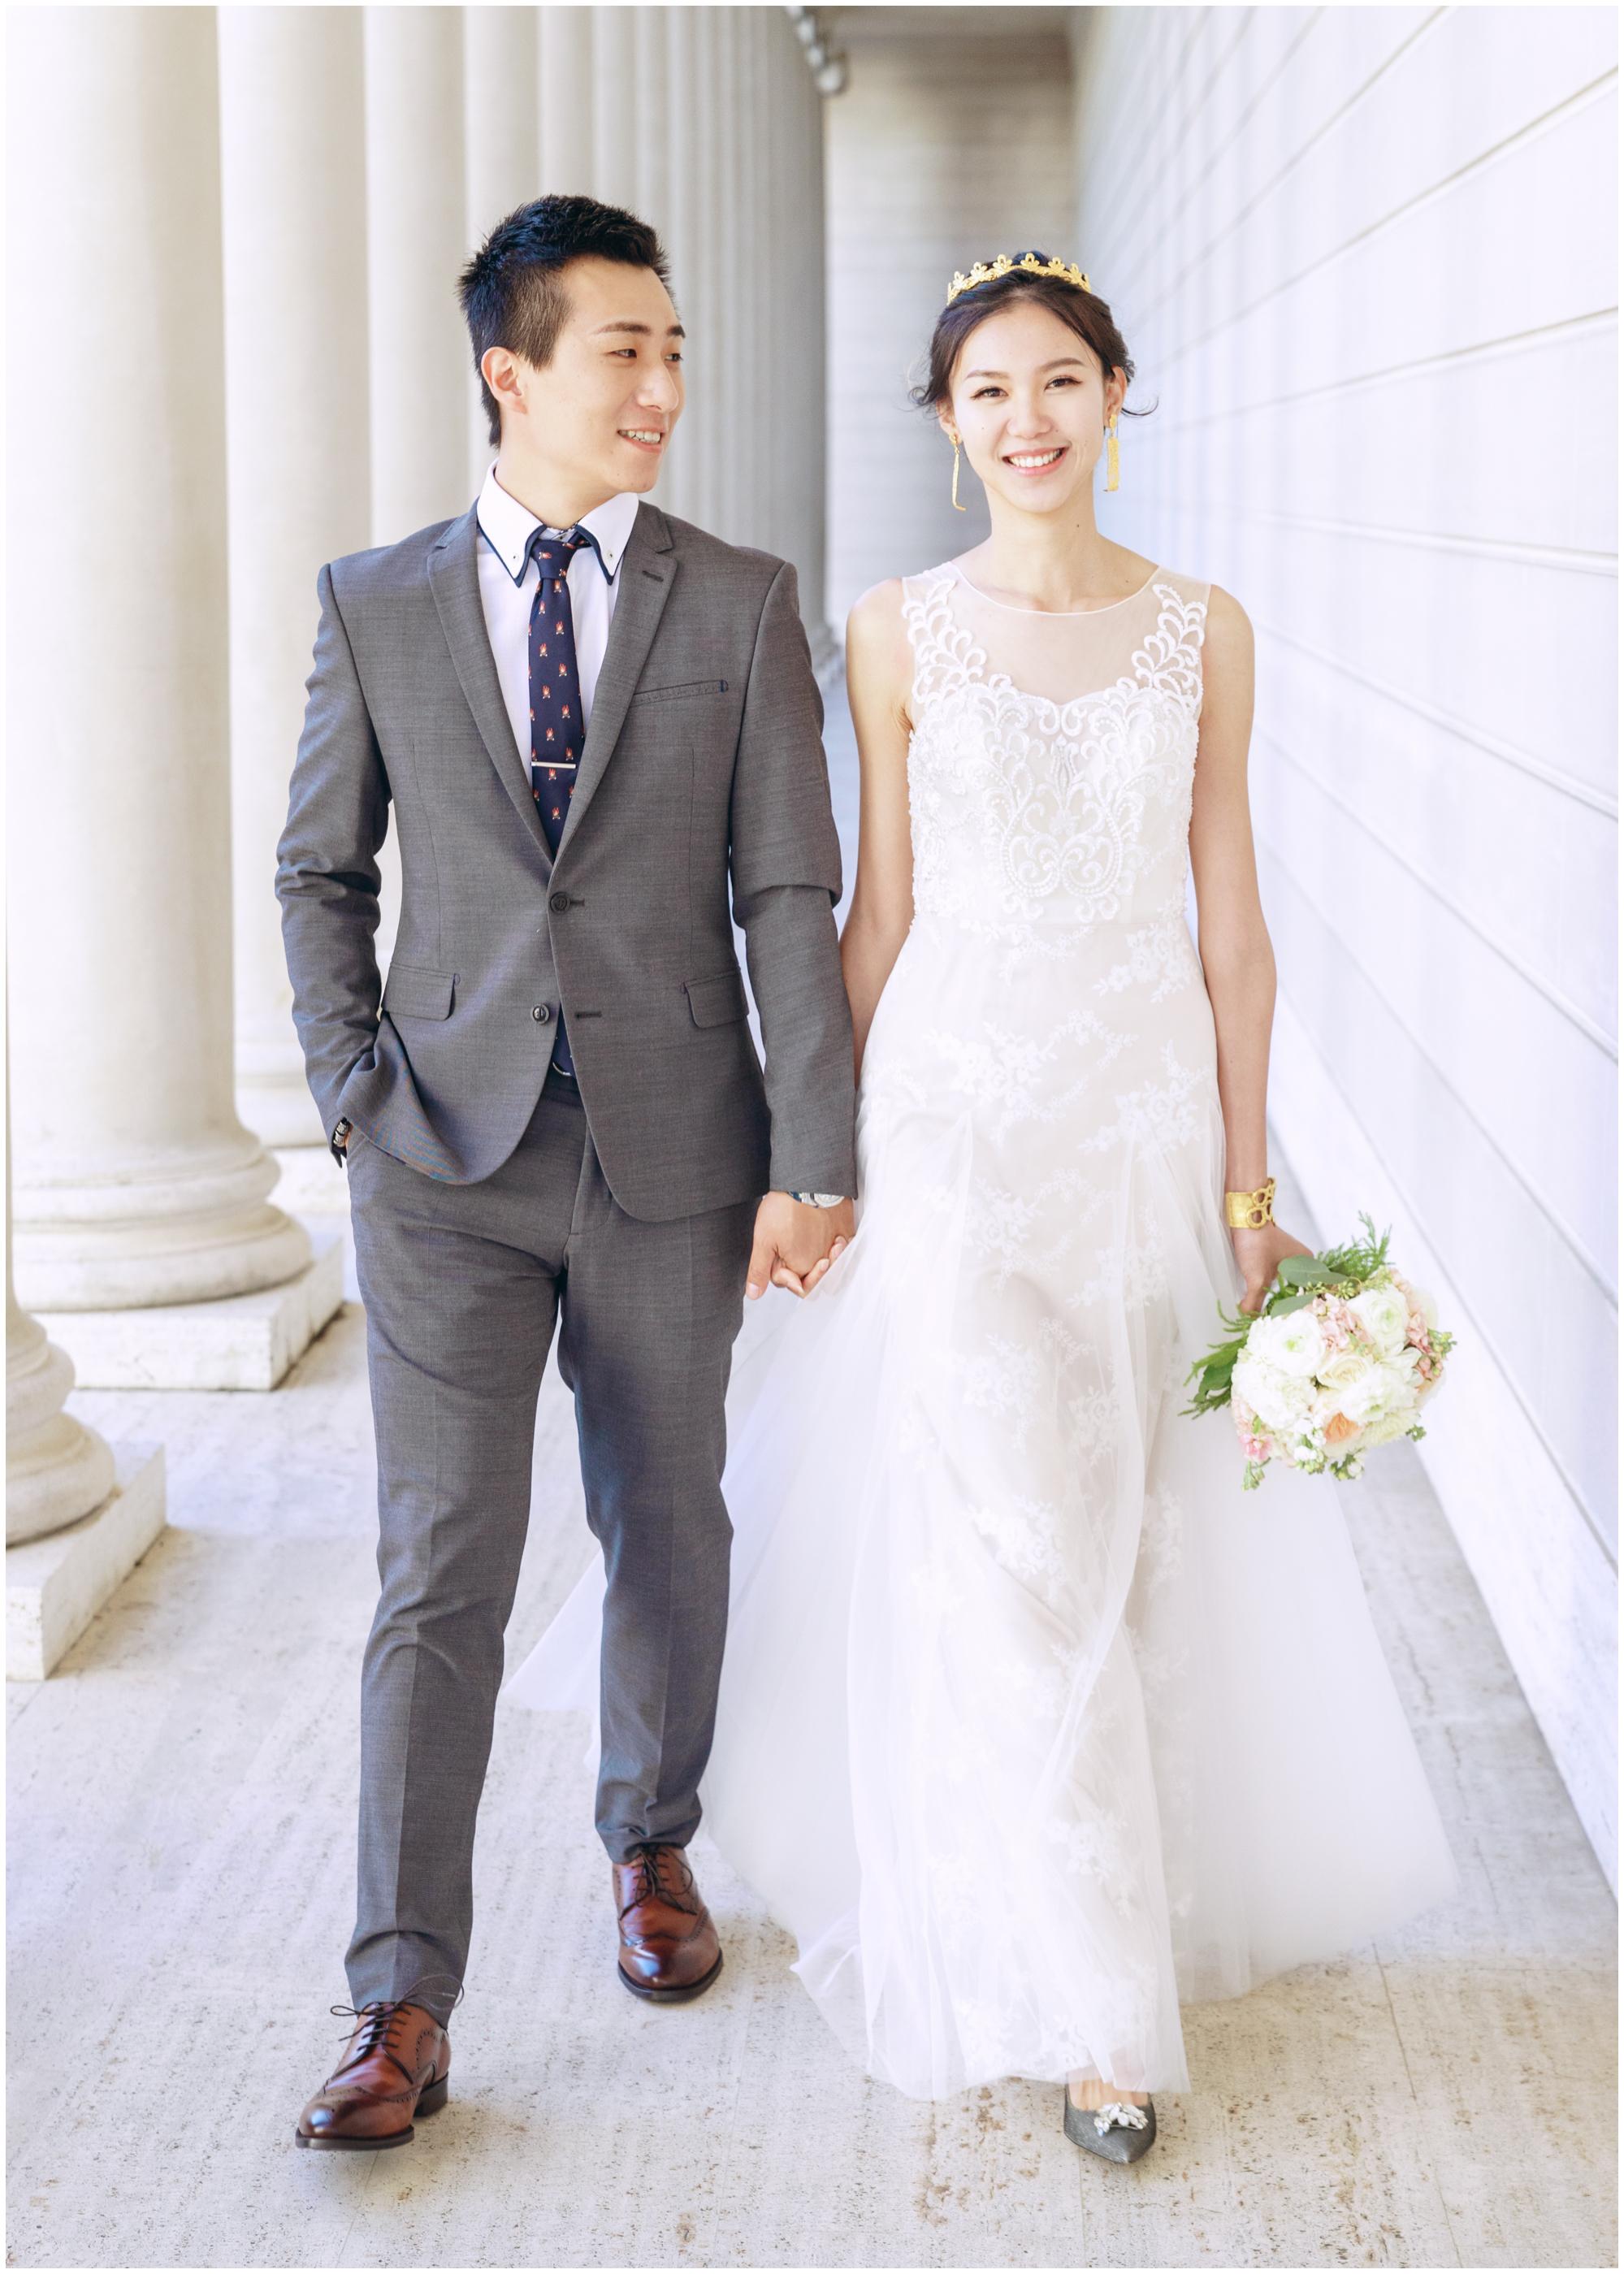 San Francisco Wedding Photographer - Pinnel Photography I&V V-01.jpg